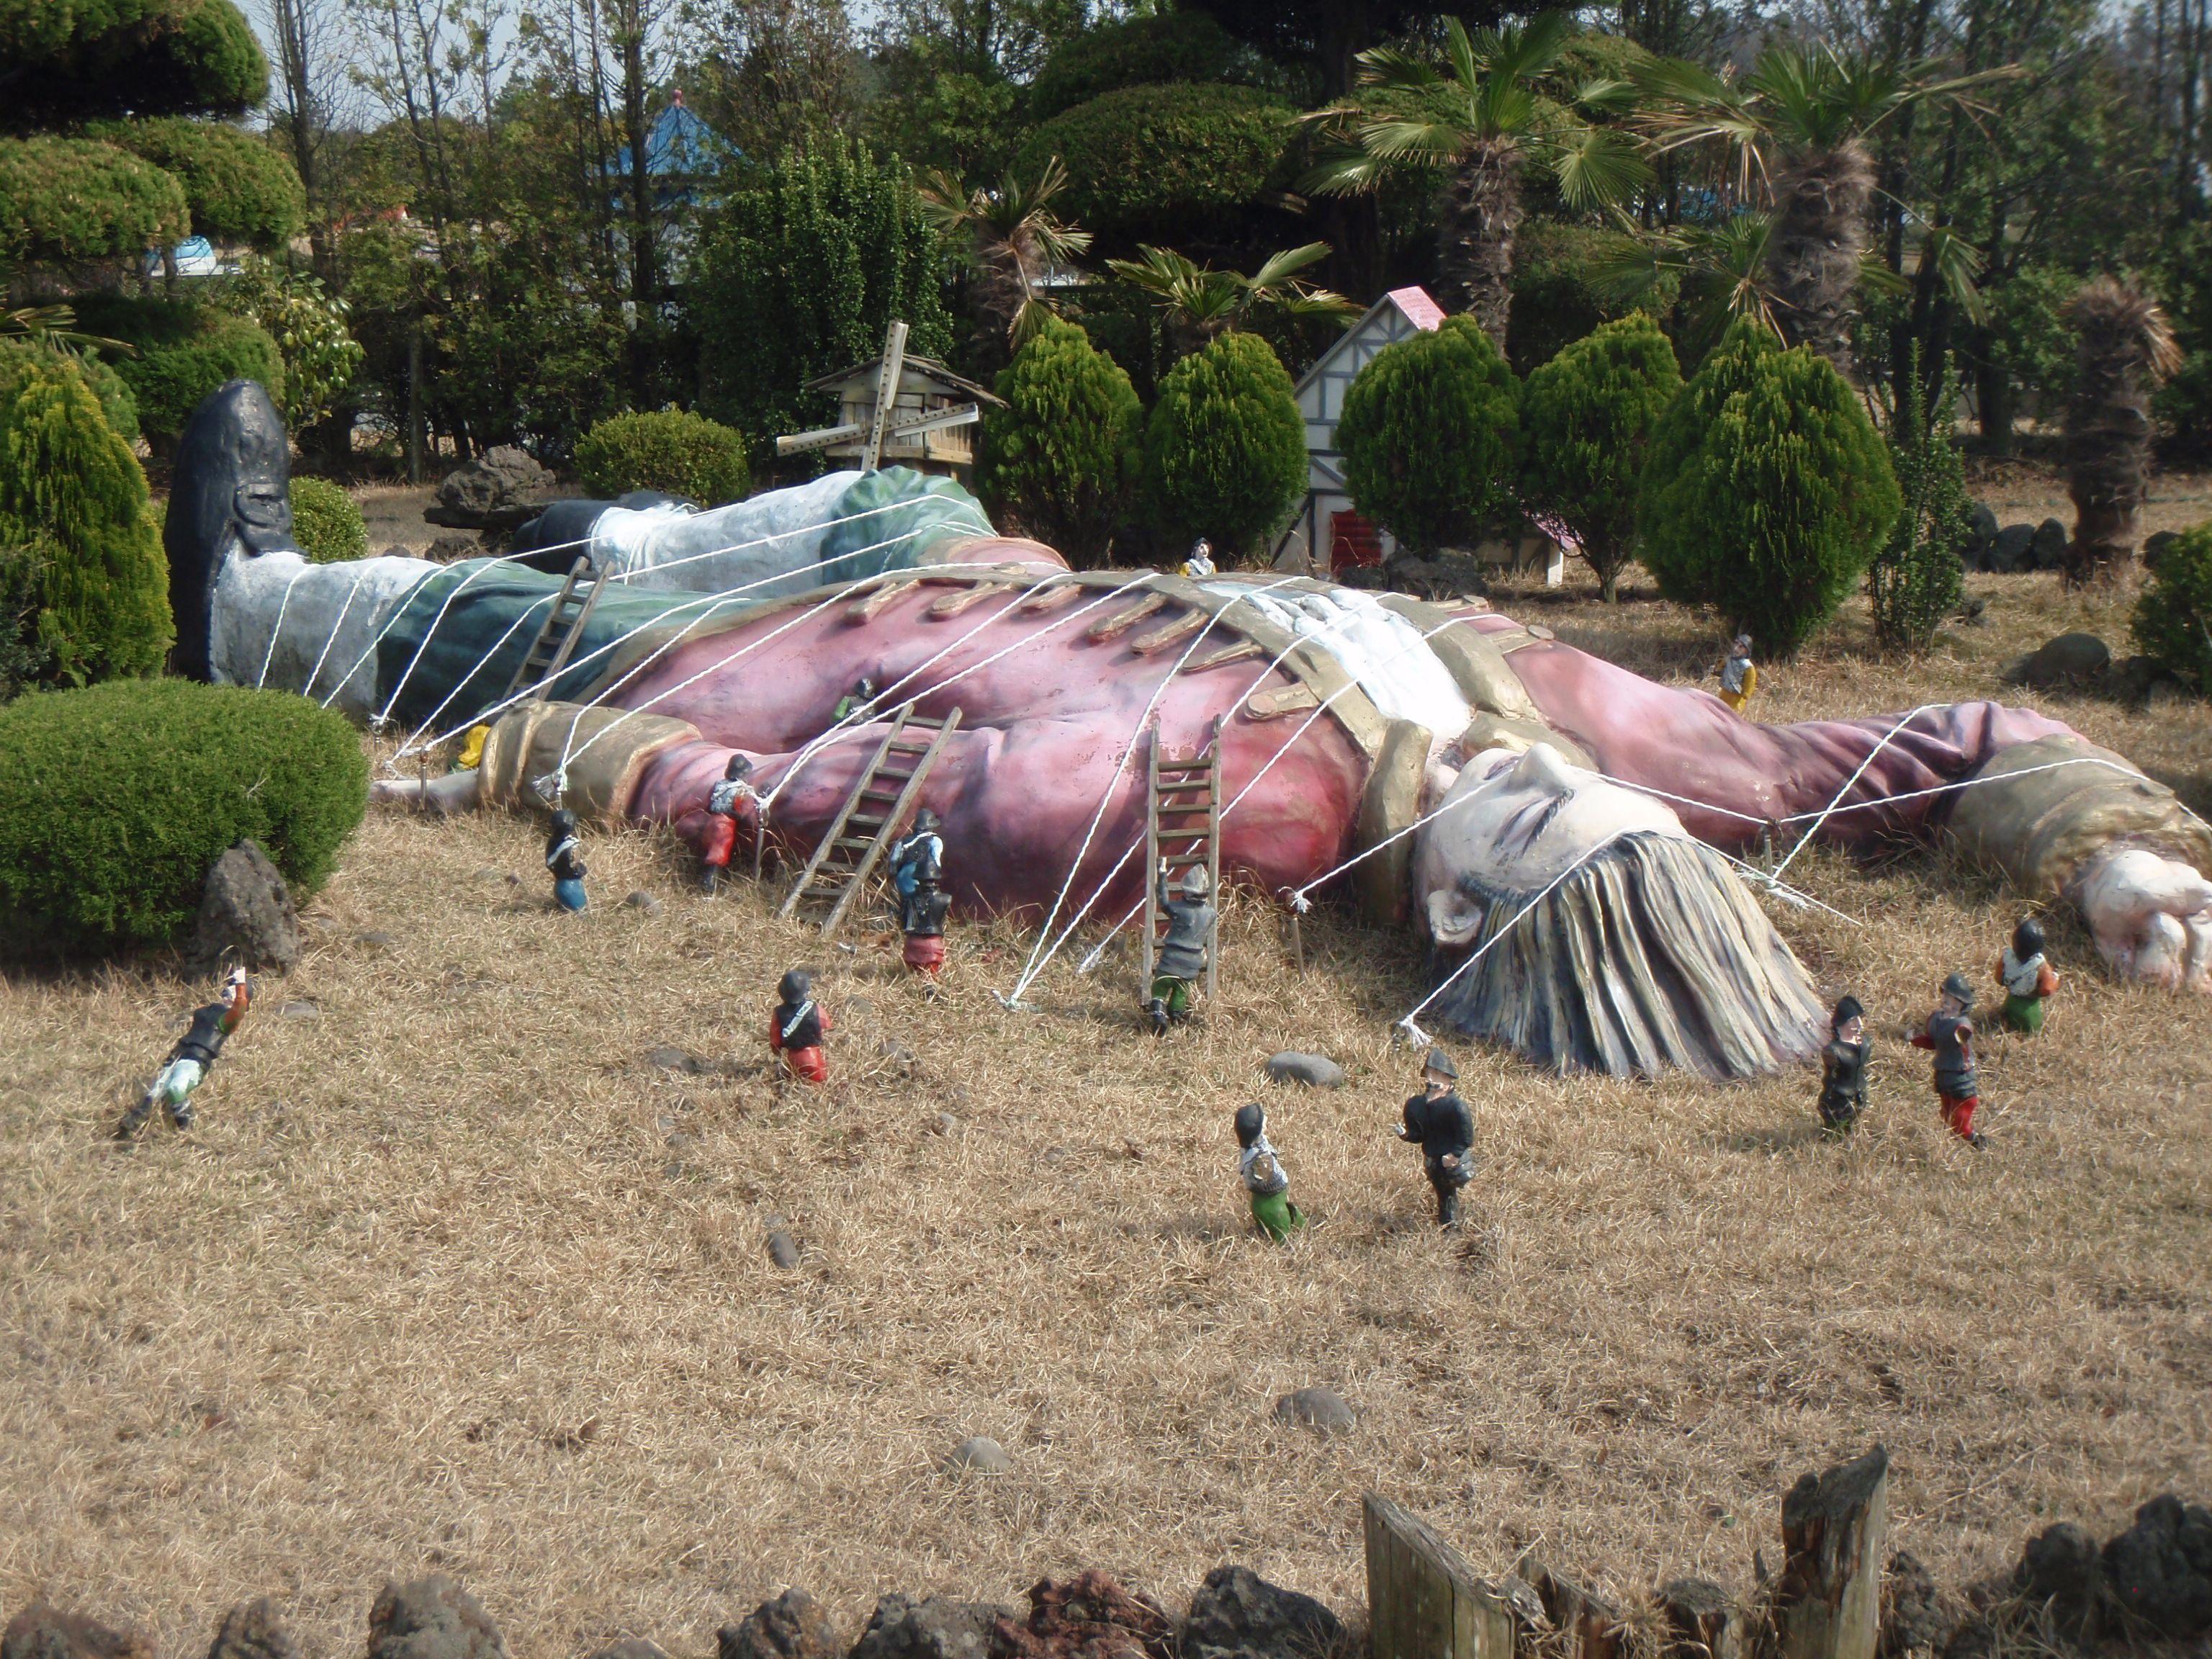 Mini Mini Land Jeju Island South Korea April 15 2012 Travel